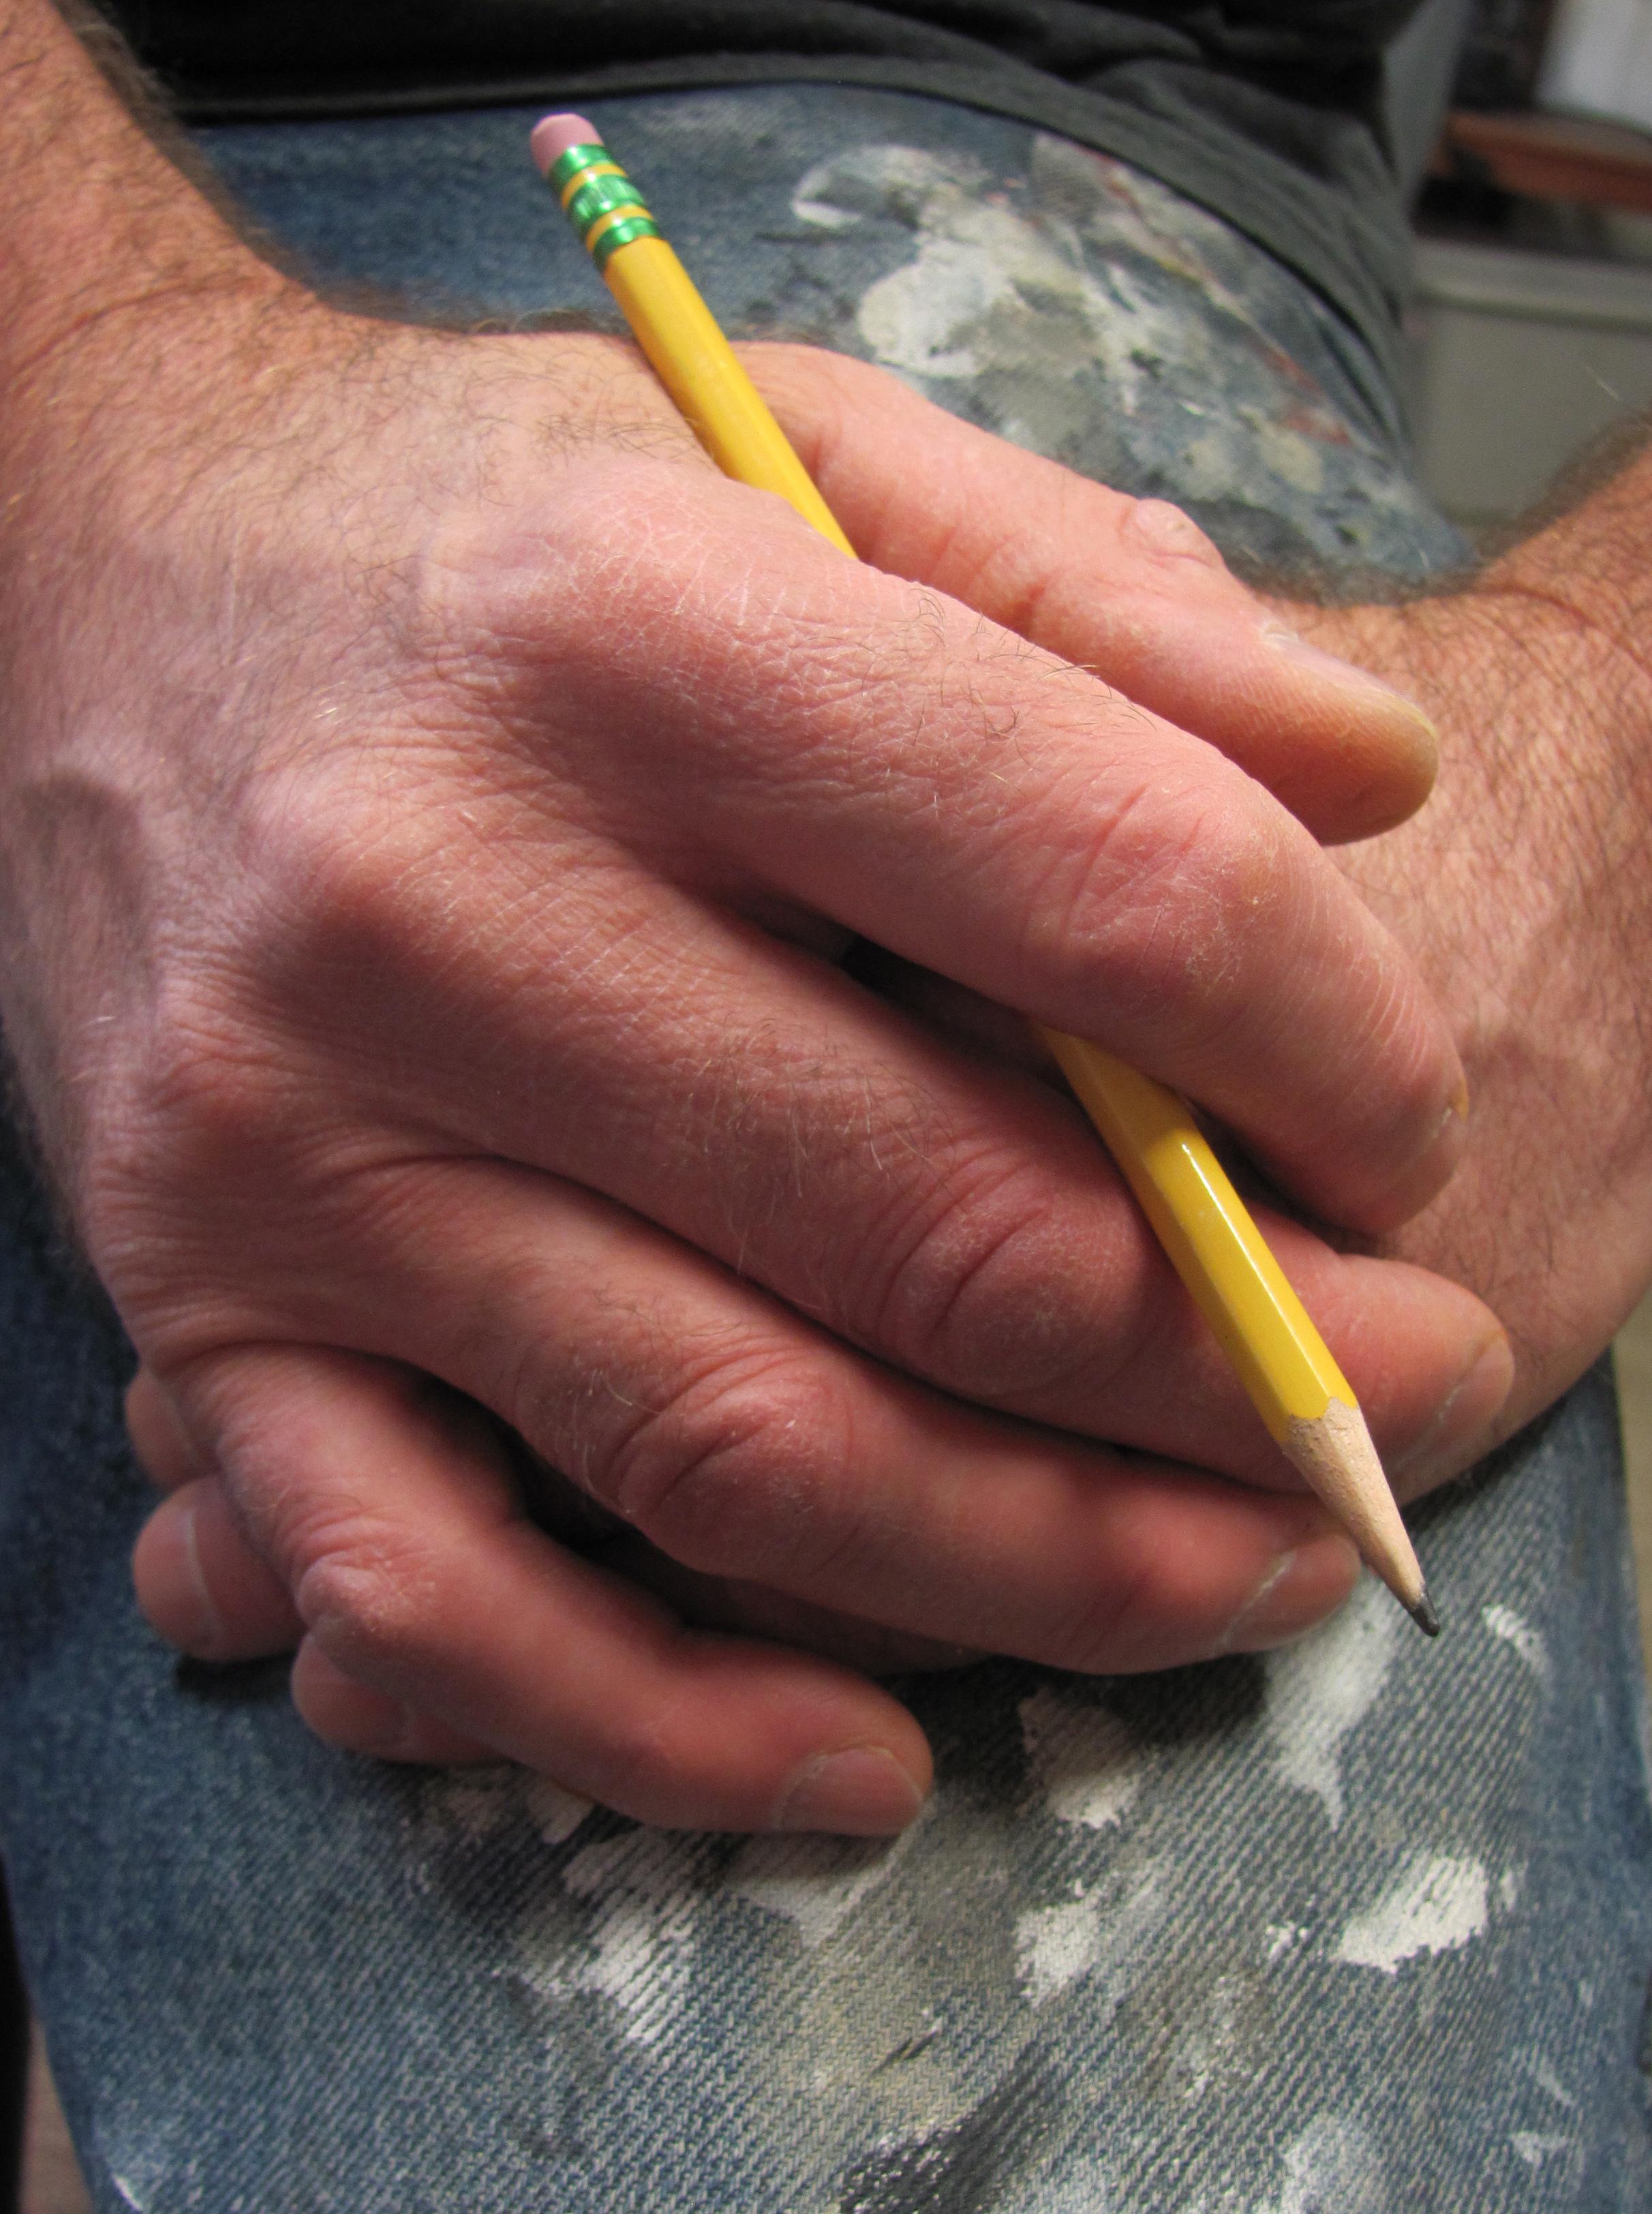 handspencil.jpg